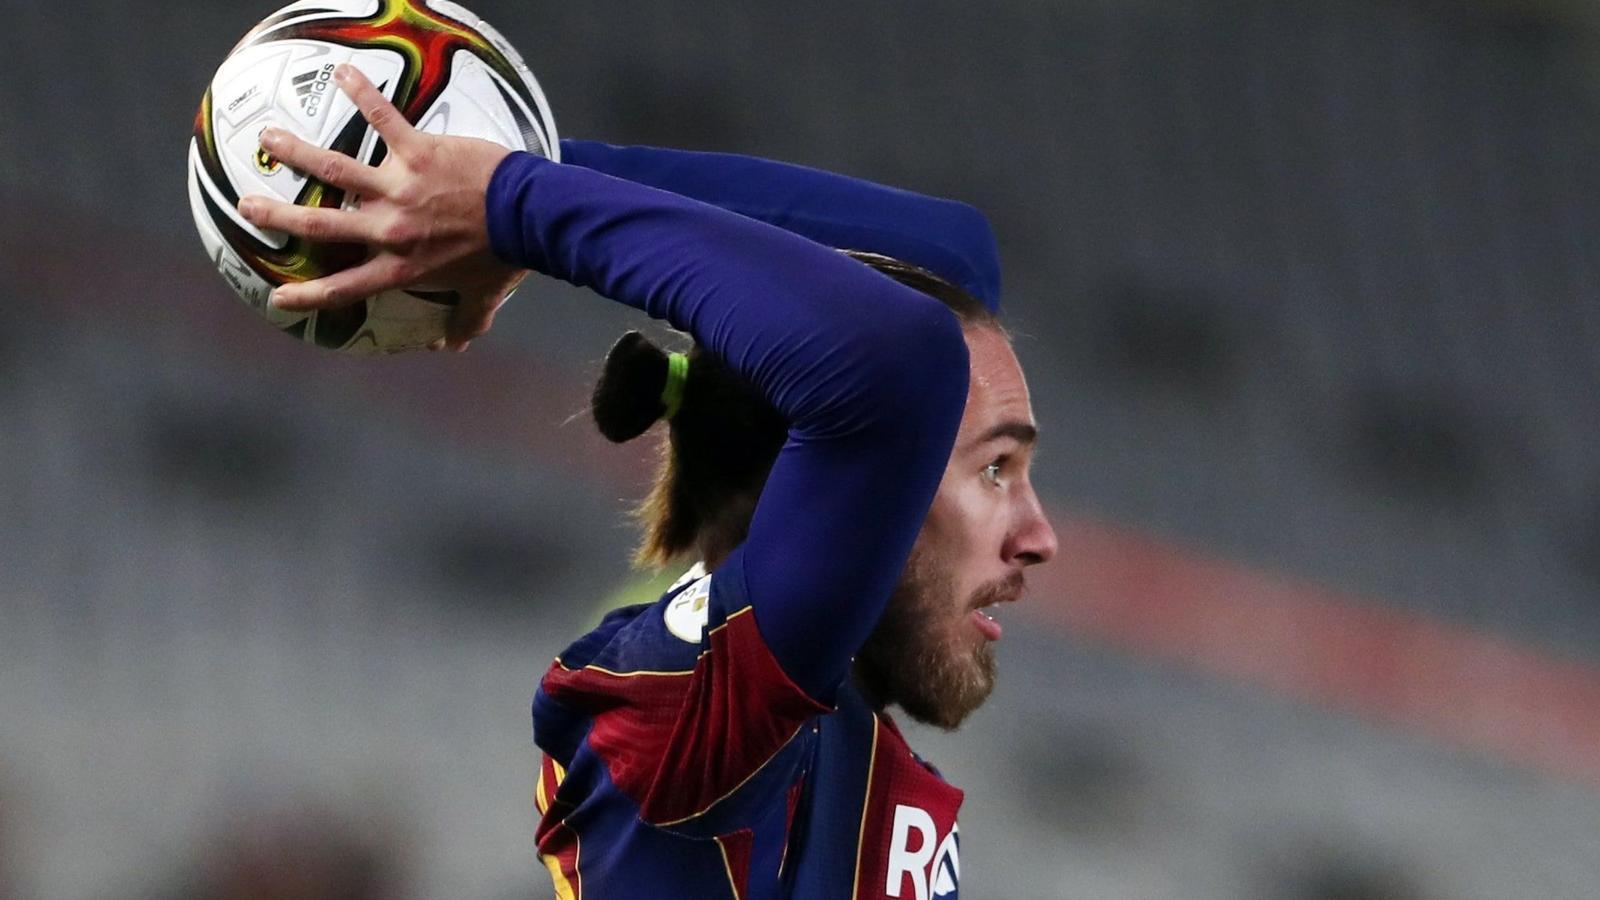 La Supercopa gradua Araujo i Mingueza en un Barça rejovenit